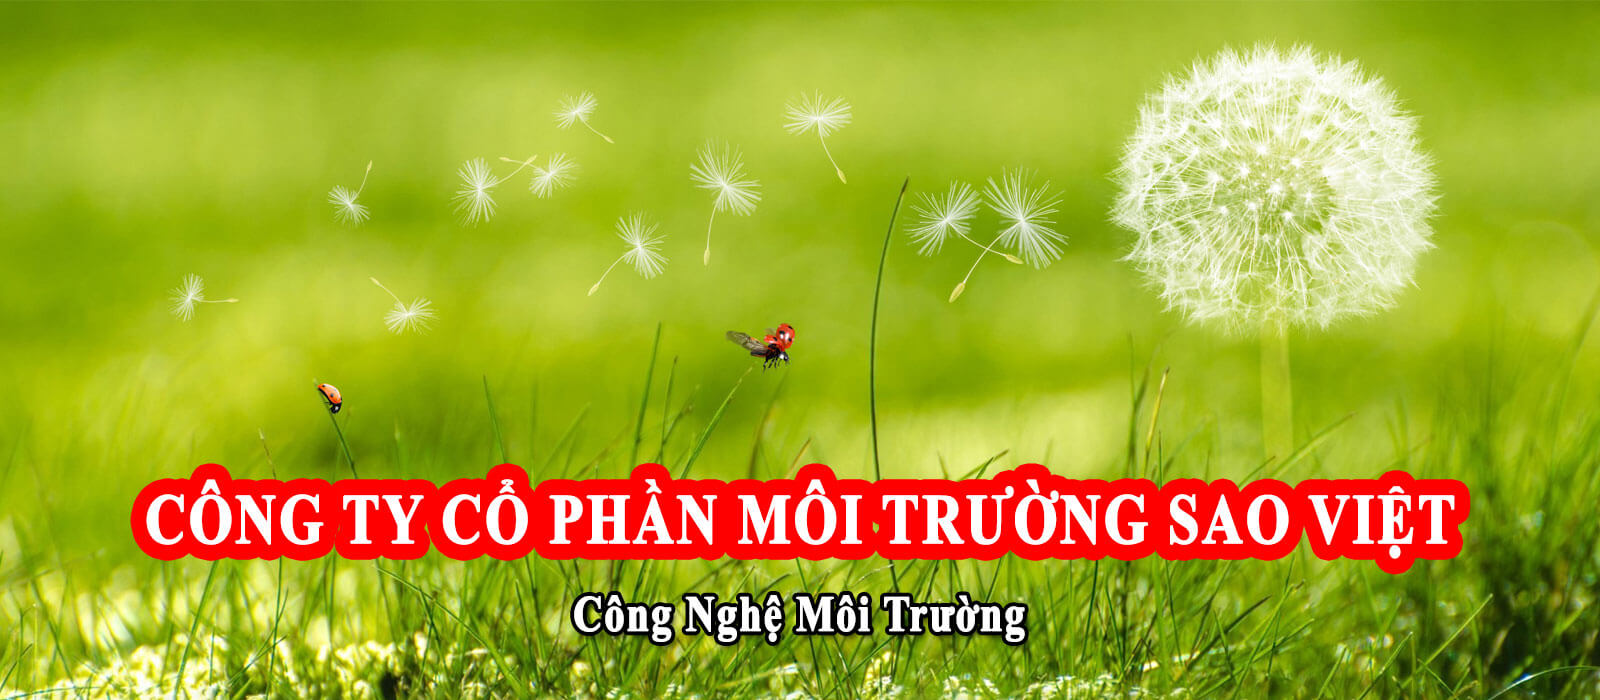 Công Ty Cổ Phần Môi Trường Sao Việt